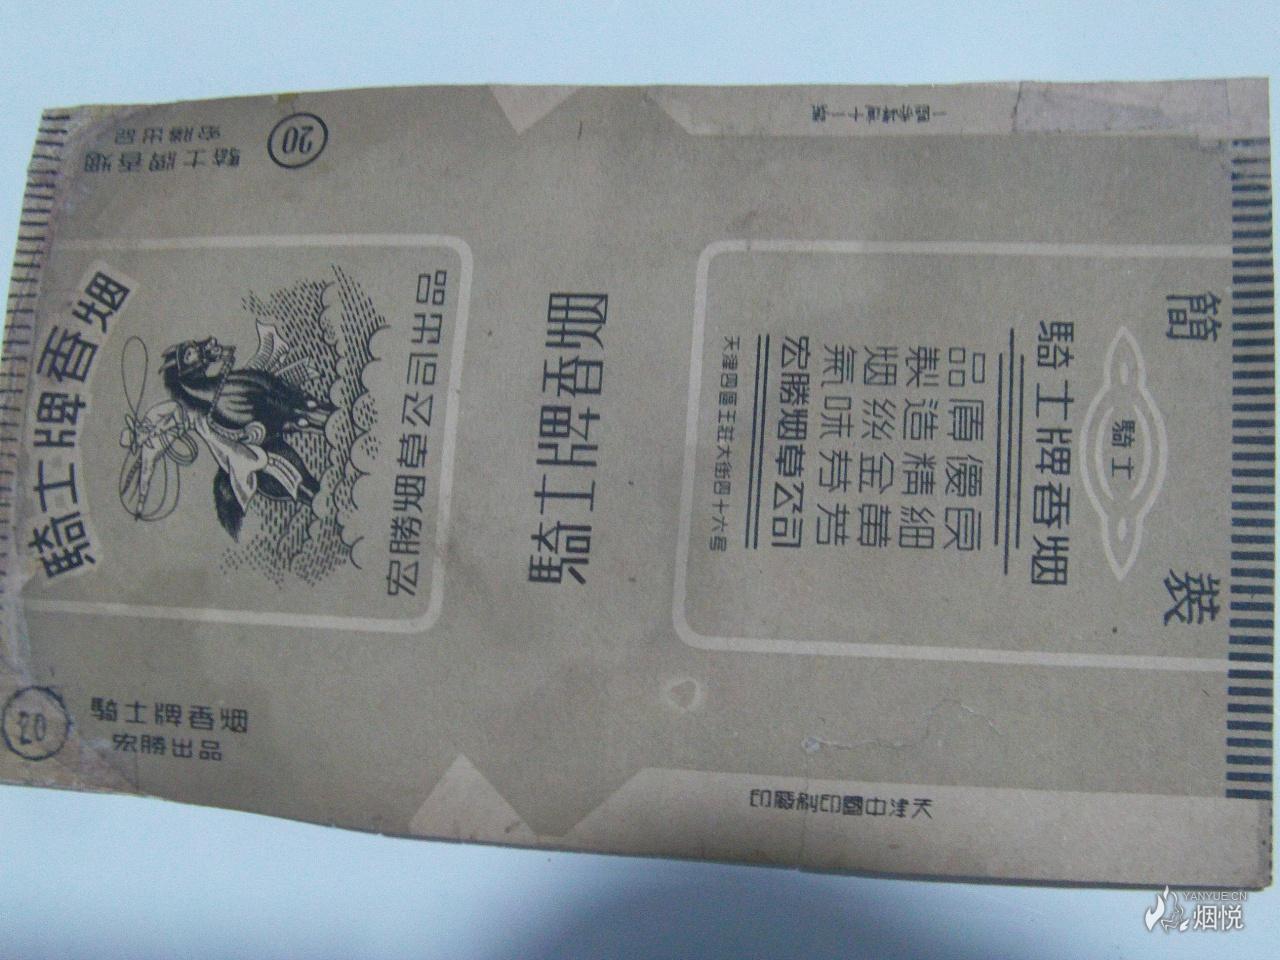 HPIM8776.JPG